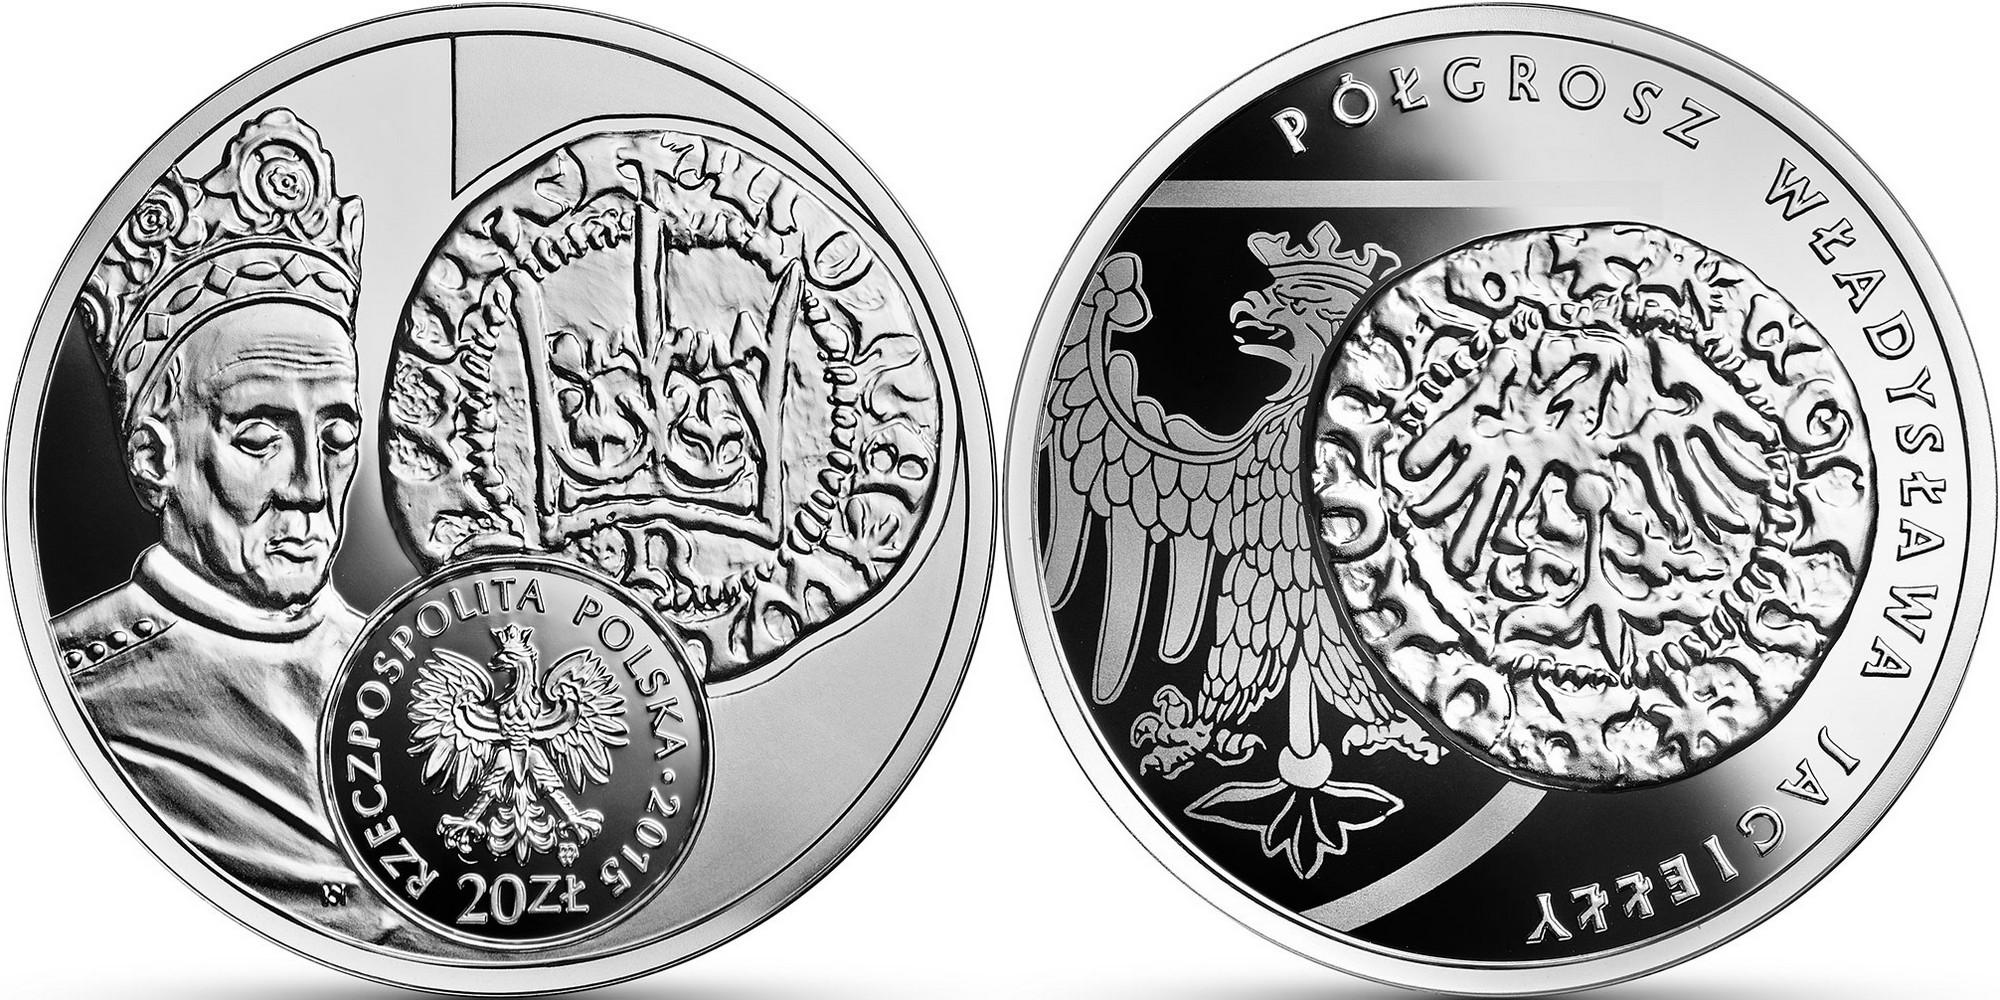 pologne 2015 histoire de la monnaie demi grosz de ladislas jagiello